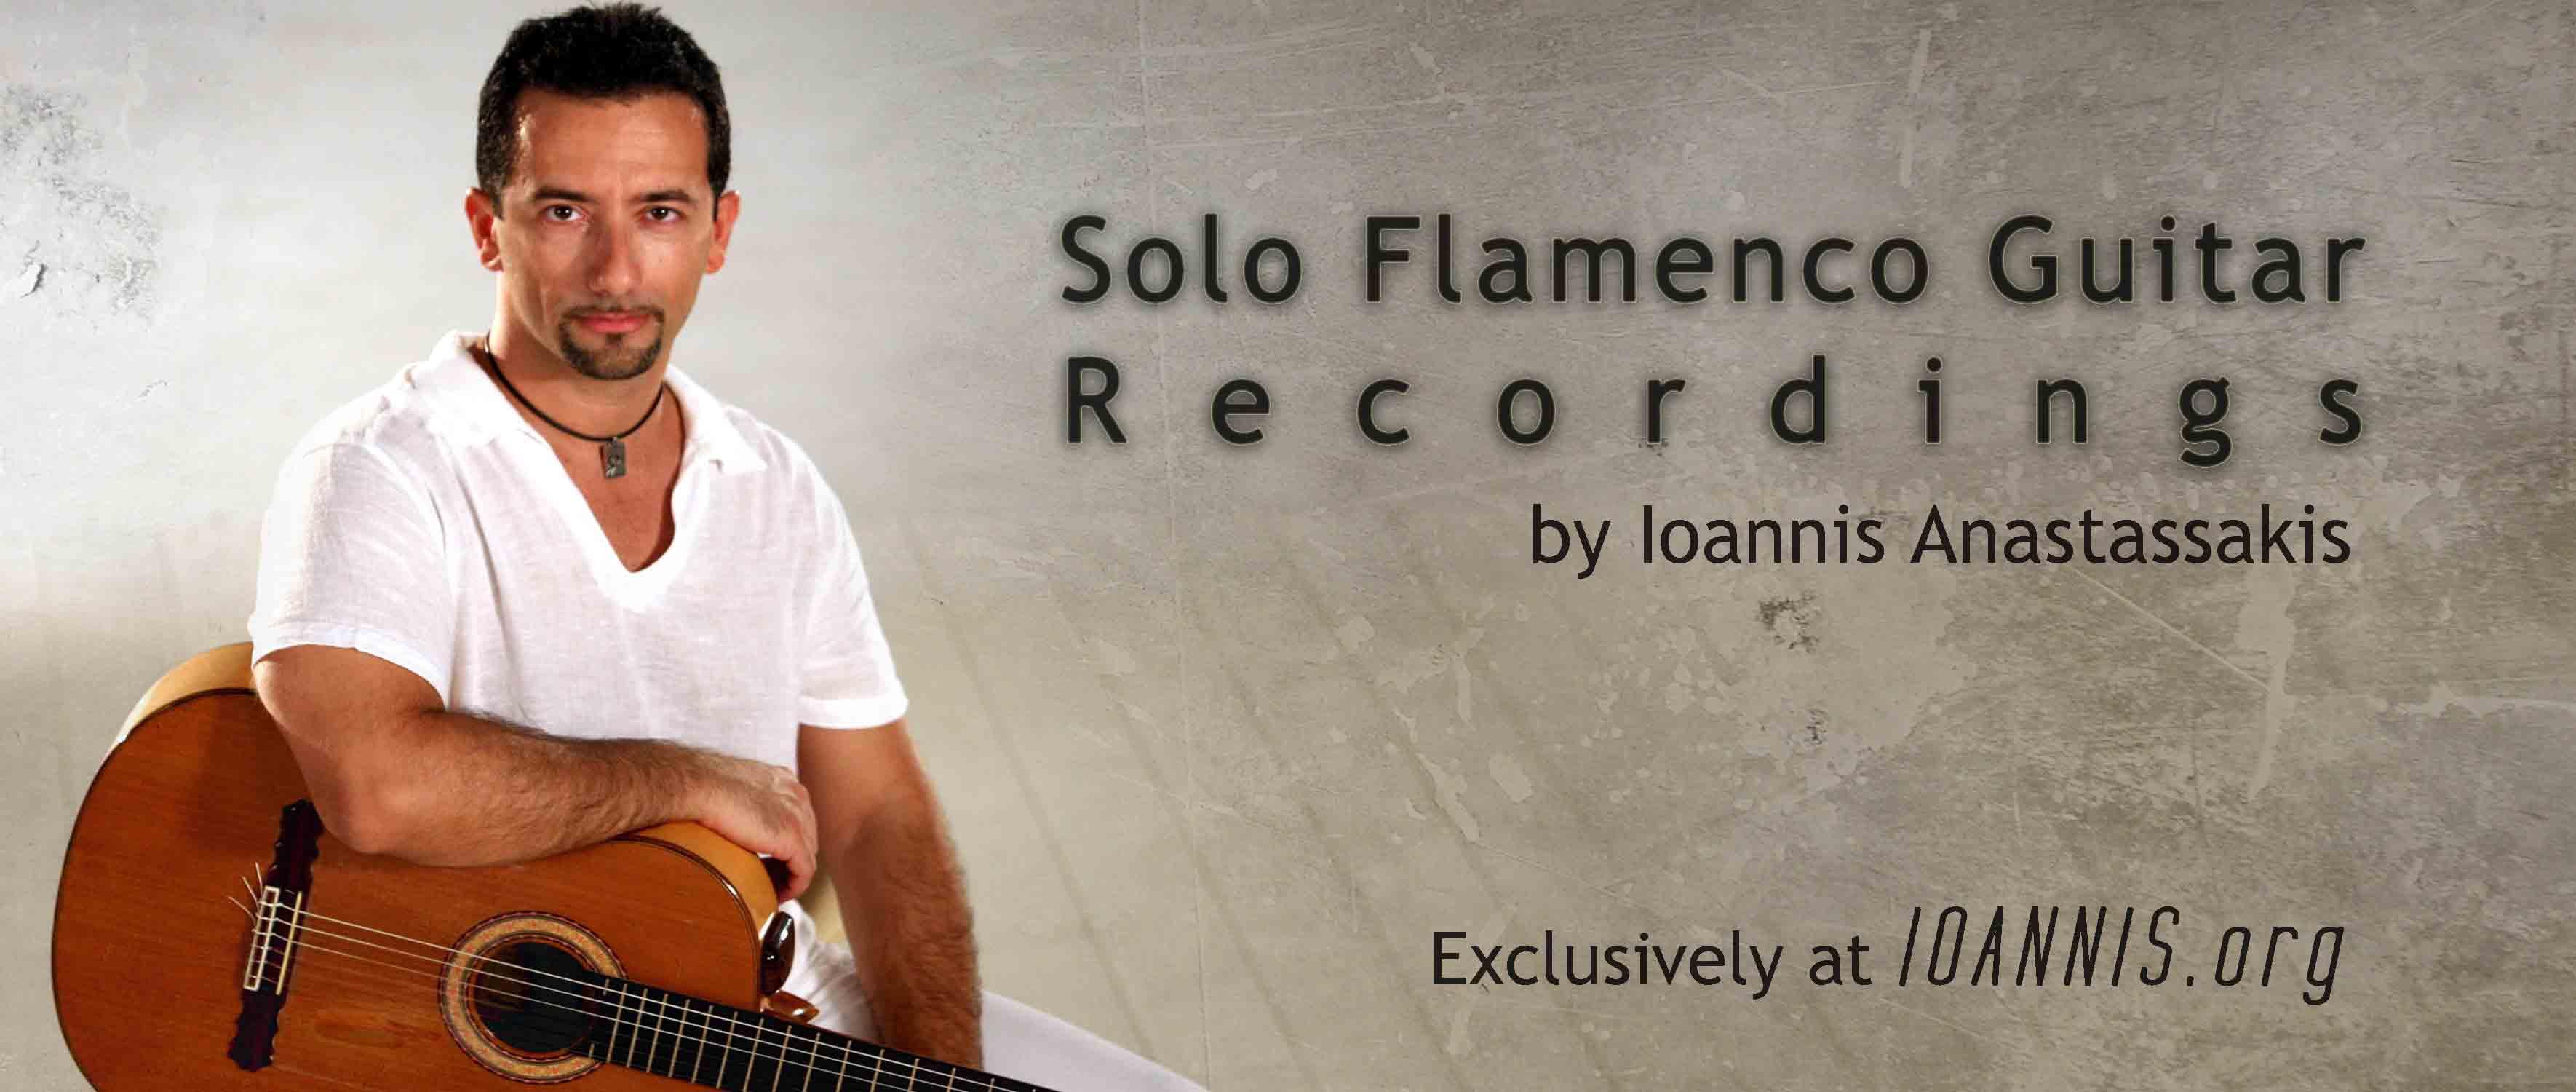 Flamenco Audio